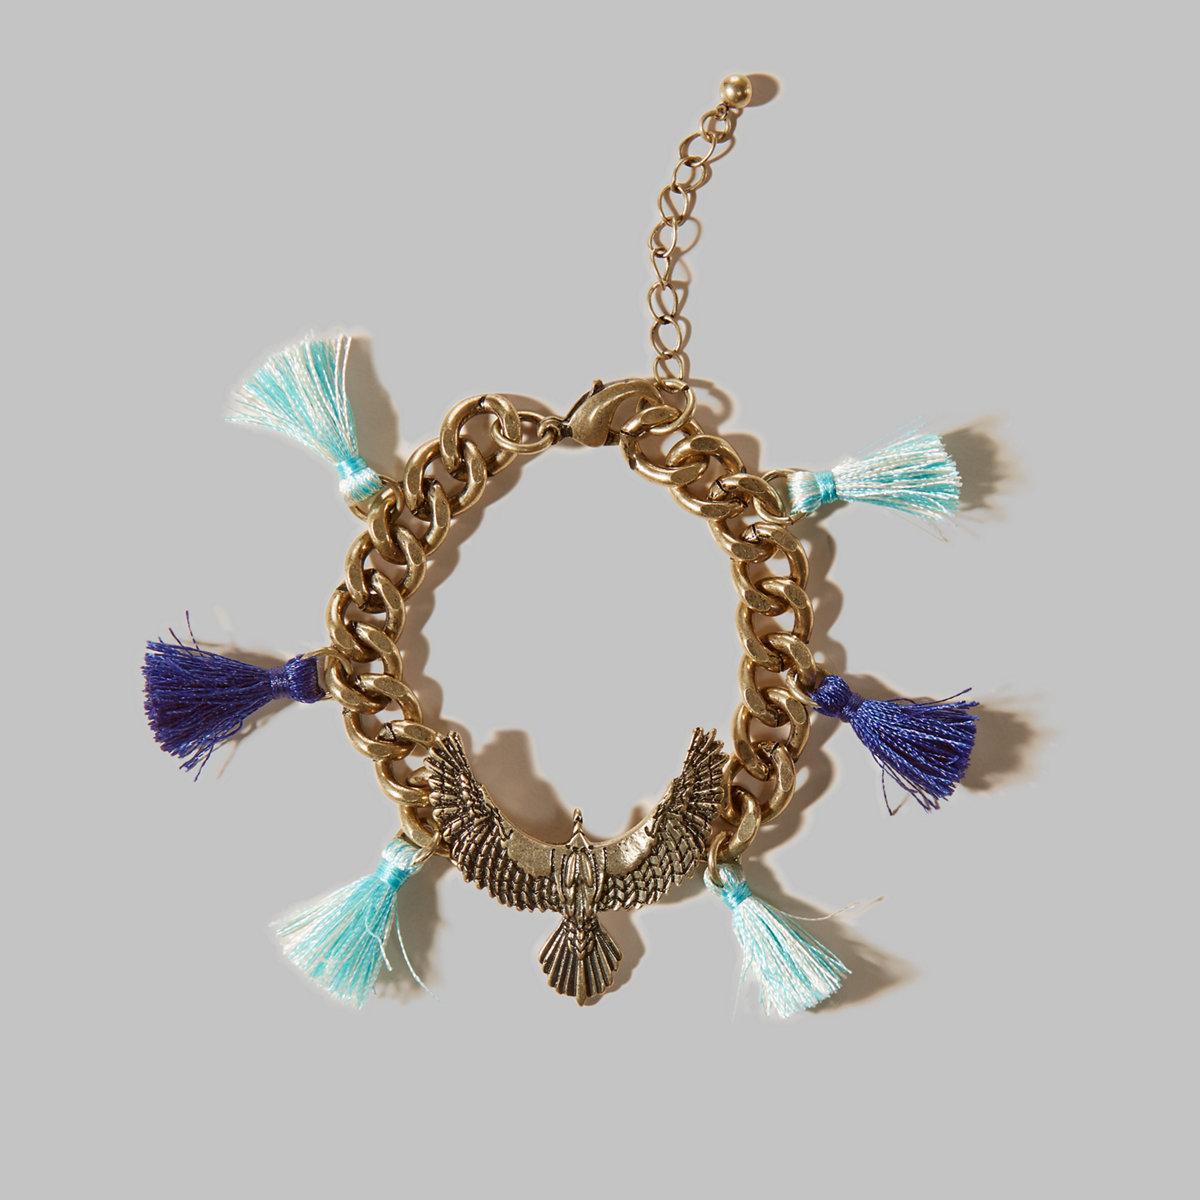 Eagle Tassel Bracelet